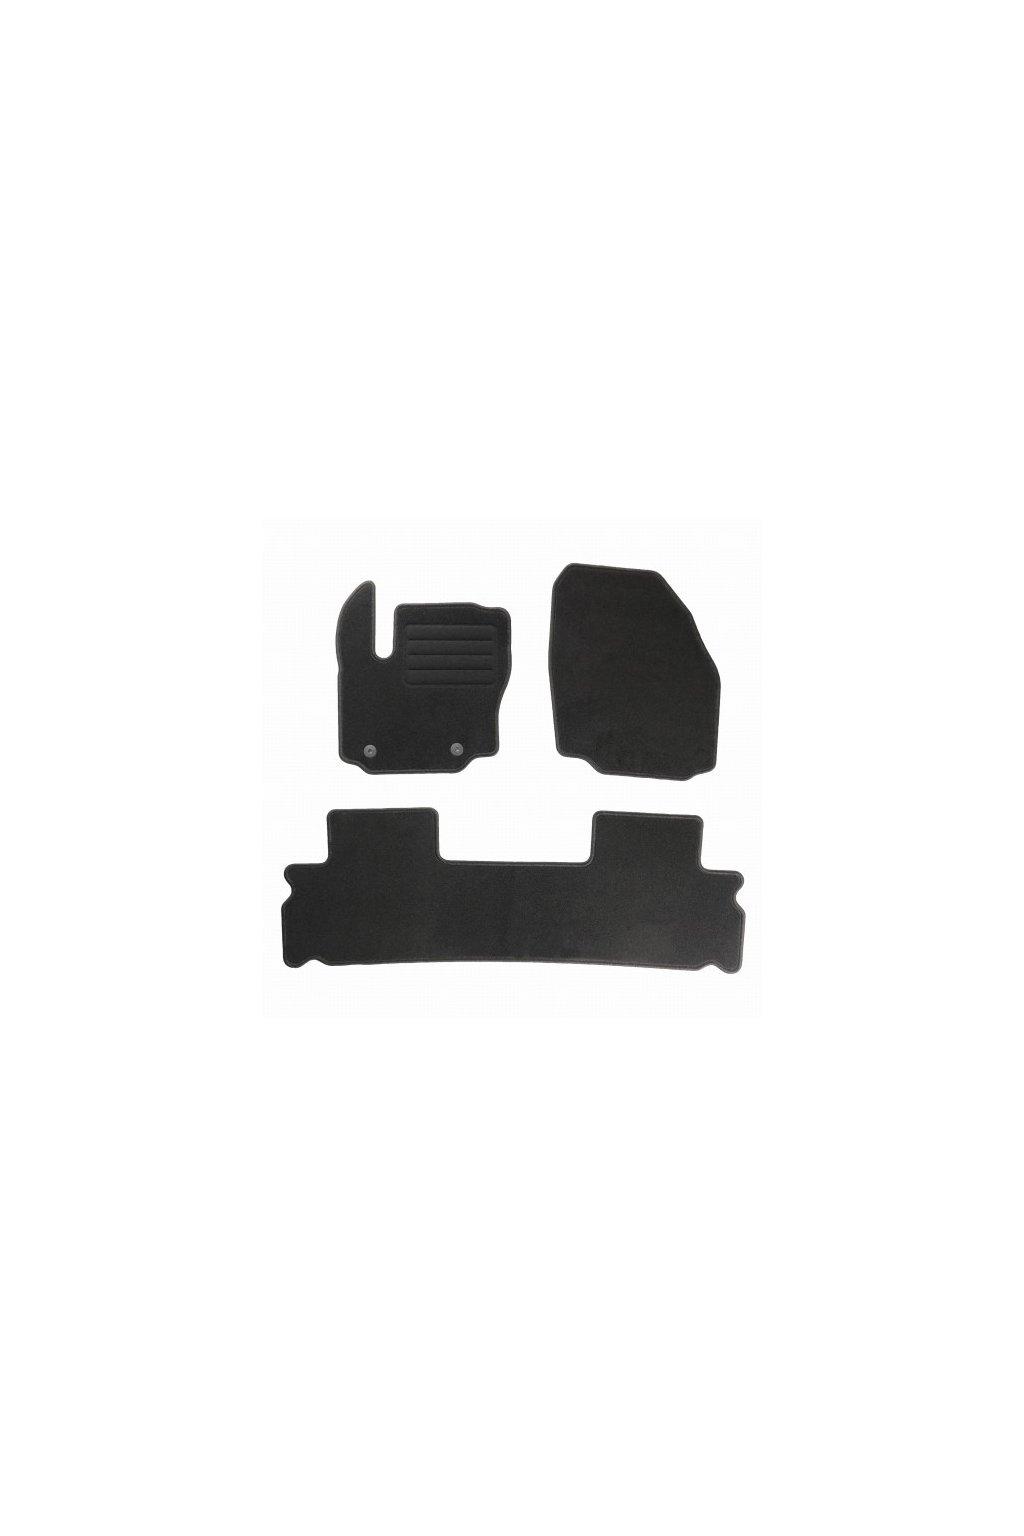 Koberce textilni Ford Galaxy II 5 mist 2012-2015